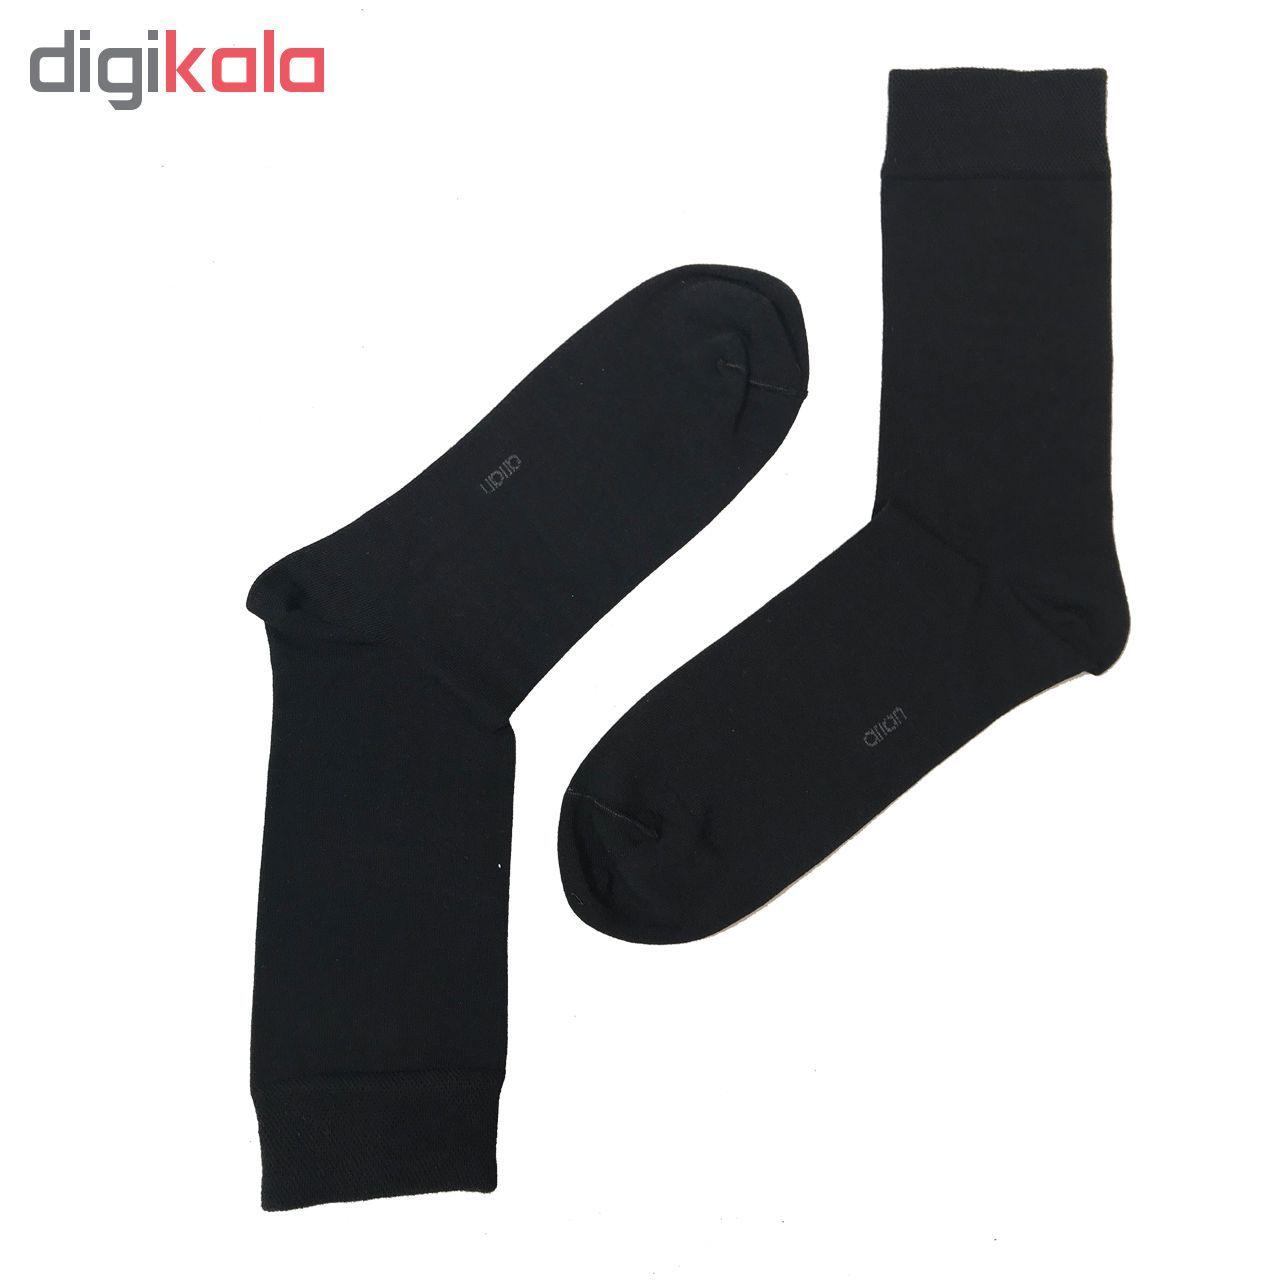 جوراب مردانه مشکی آریان نخ باف کد 51217 بسته 3 جفتی پنجه گیری شده main 1 2